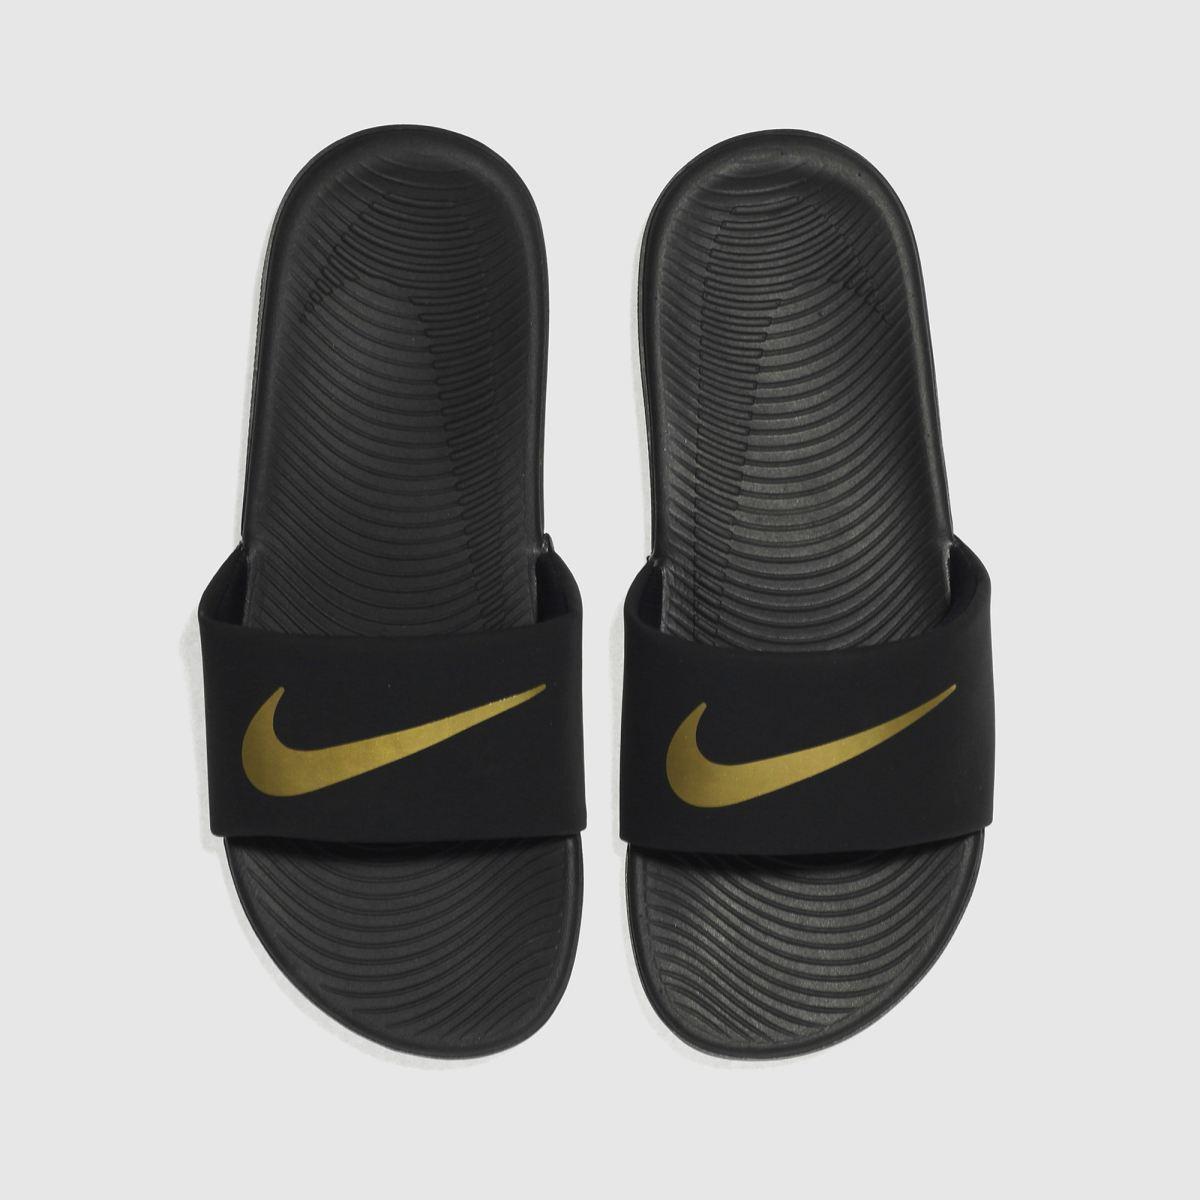 Nike Black & Gold Kawa Slide Youth Sandals